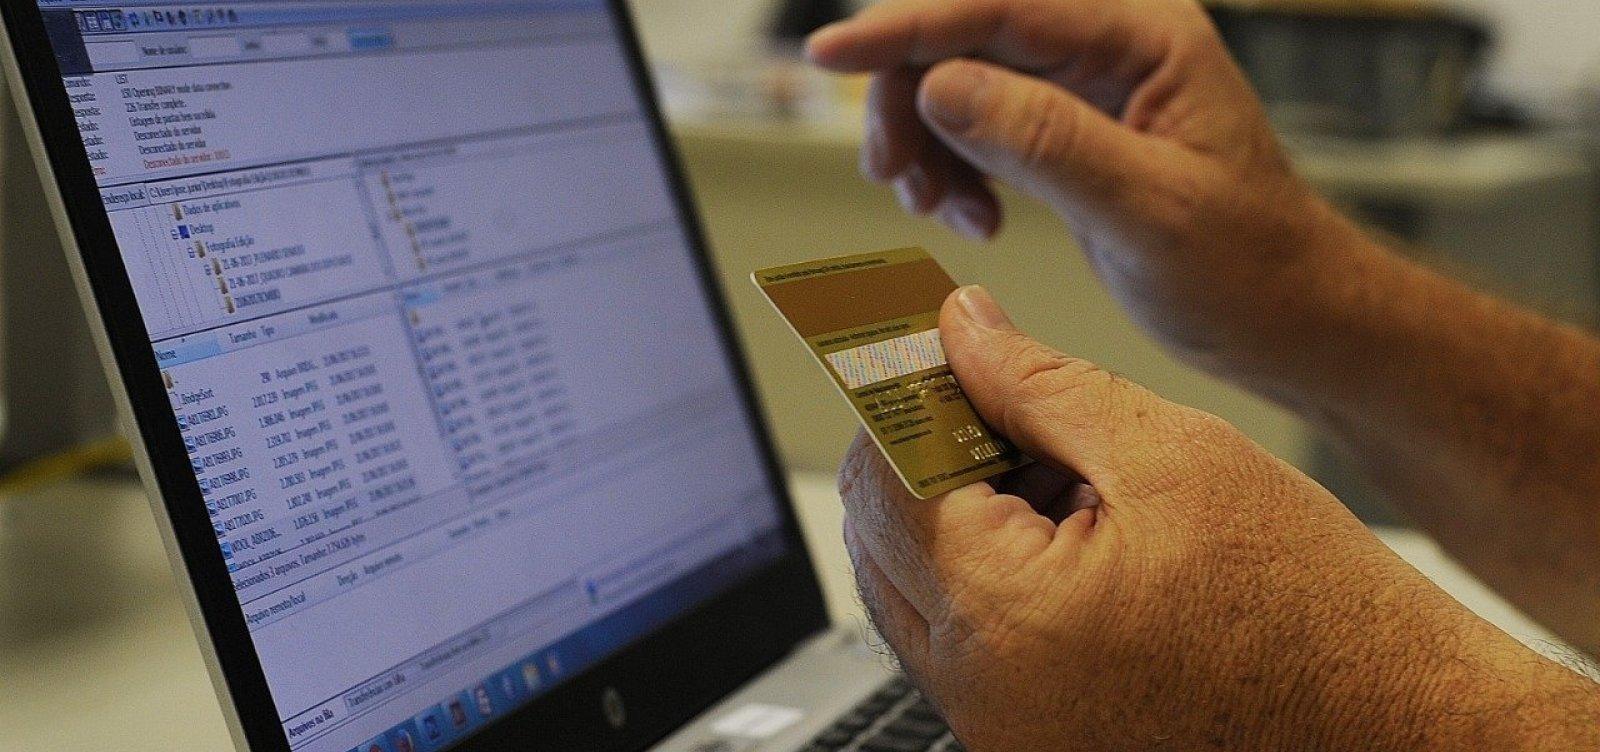 [Black Friday: Procon lança lista de sites para que consumidor evite fraudes]